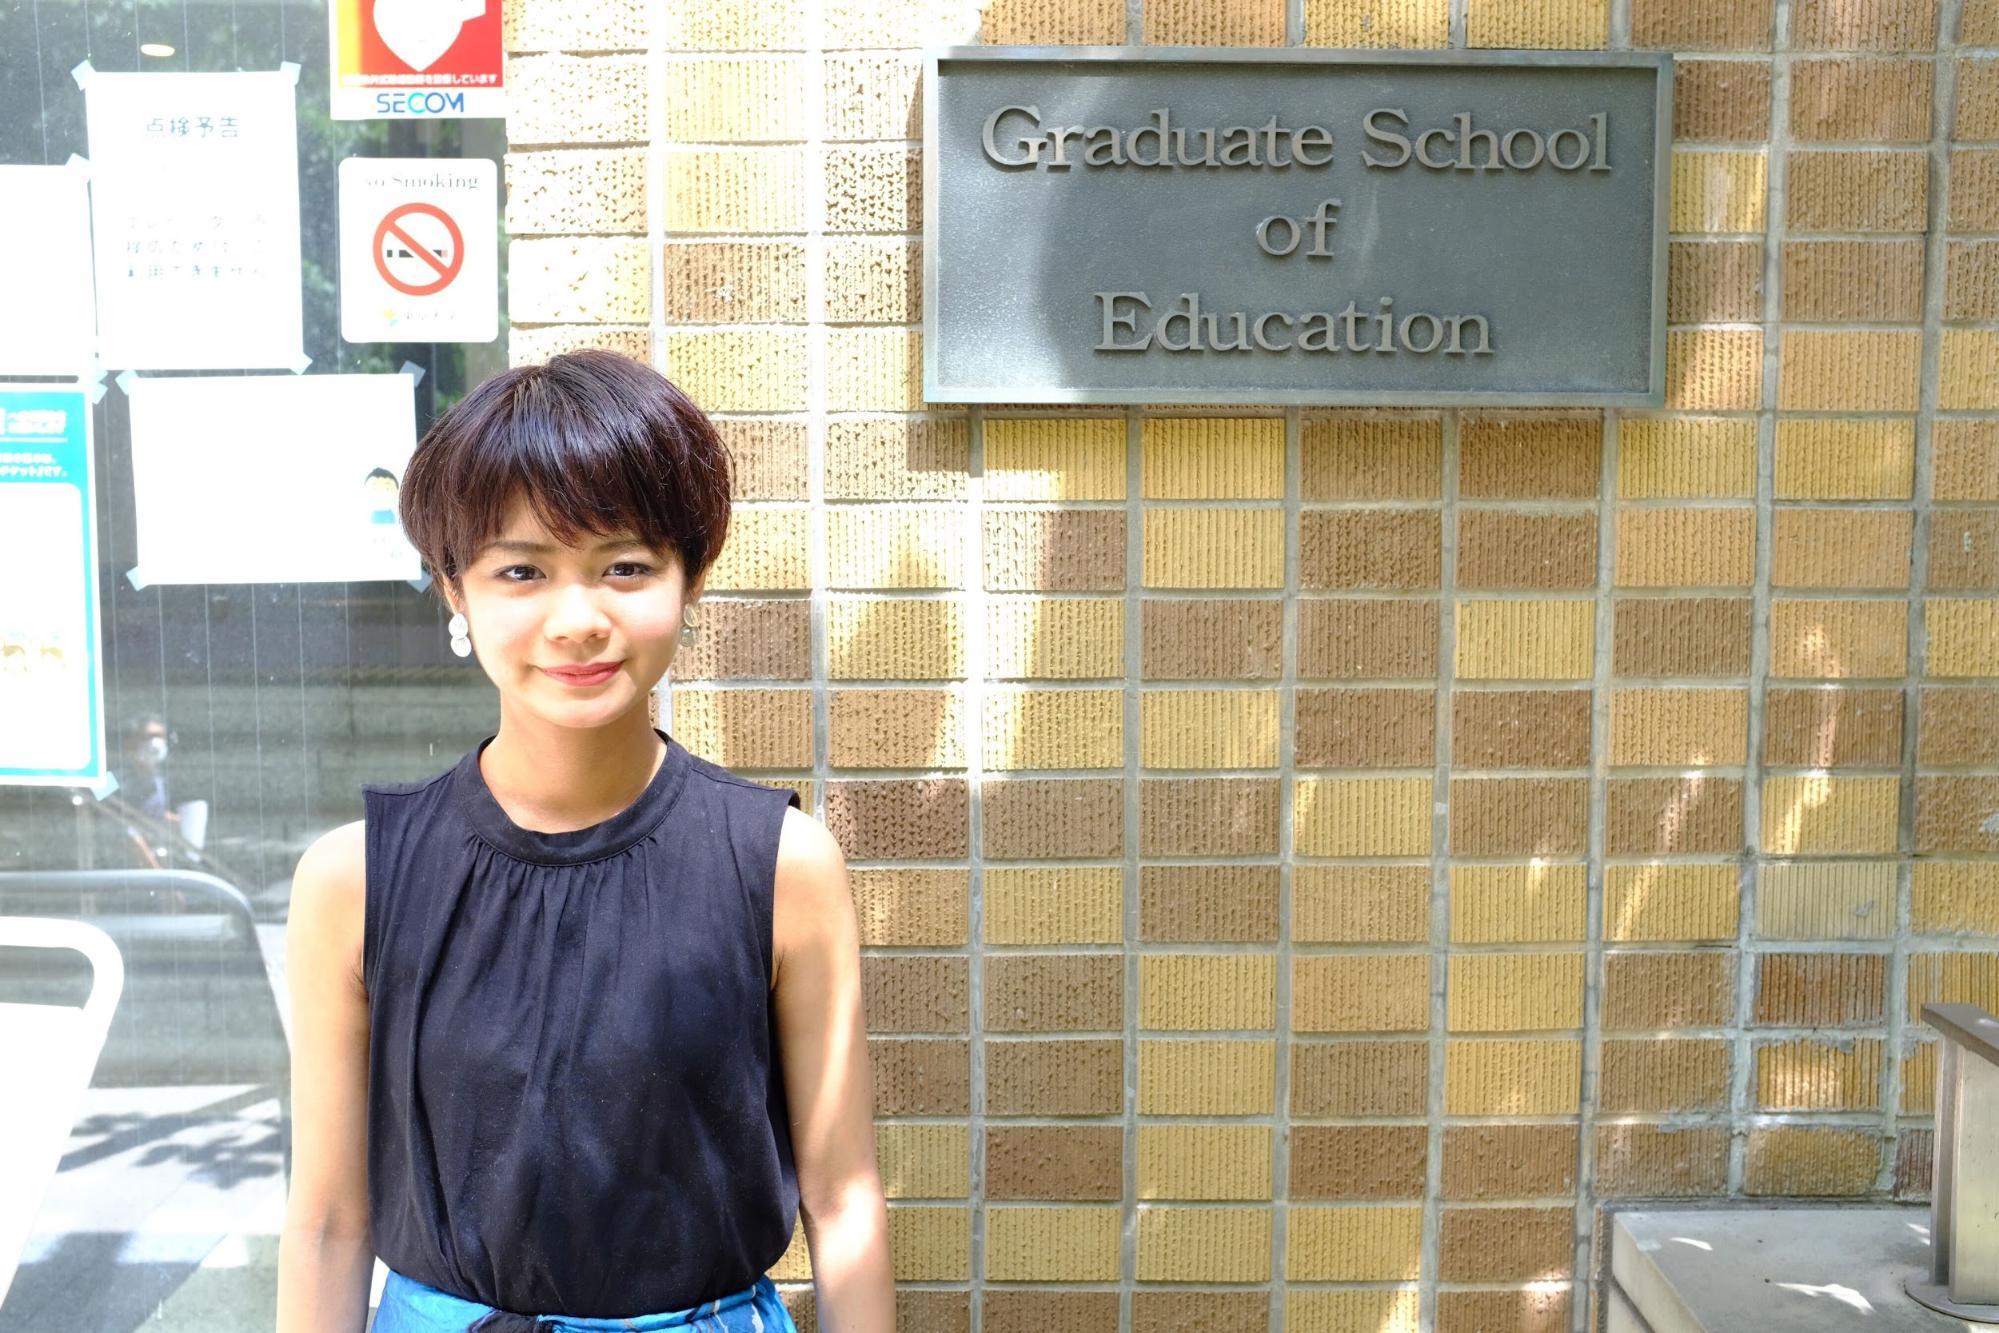 東京大学大学院教育学研究科附属バリアフリー教育開発研究センター